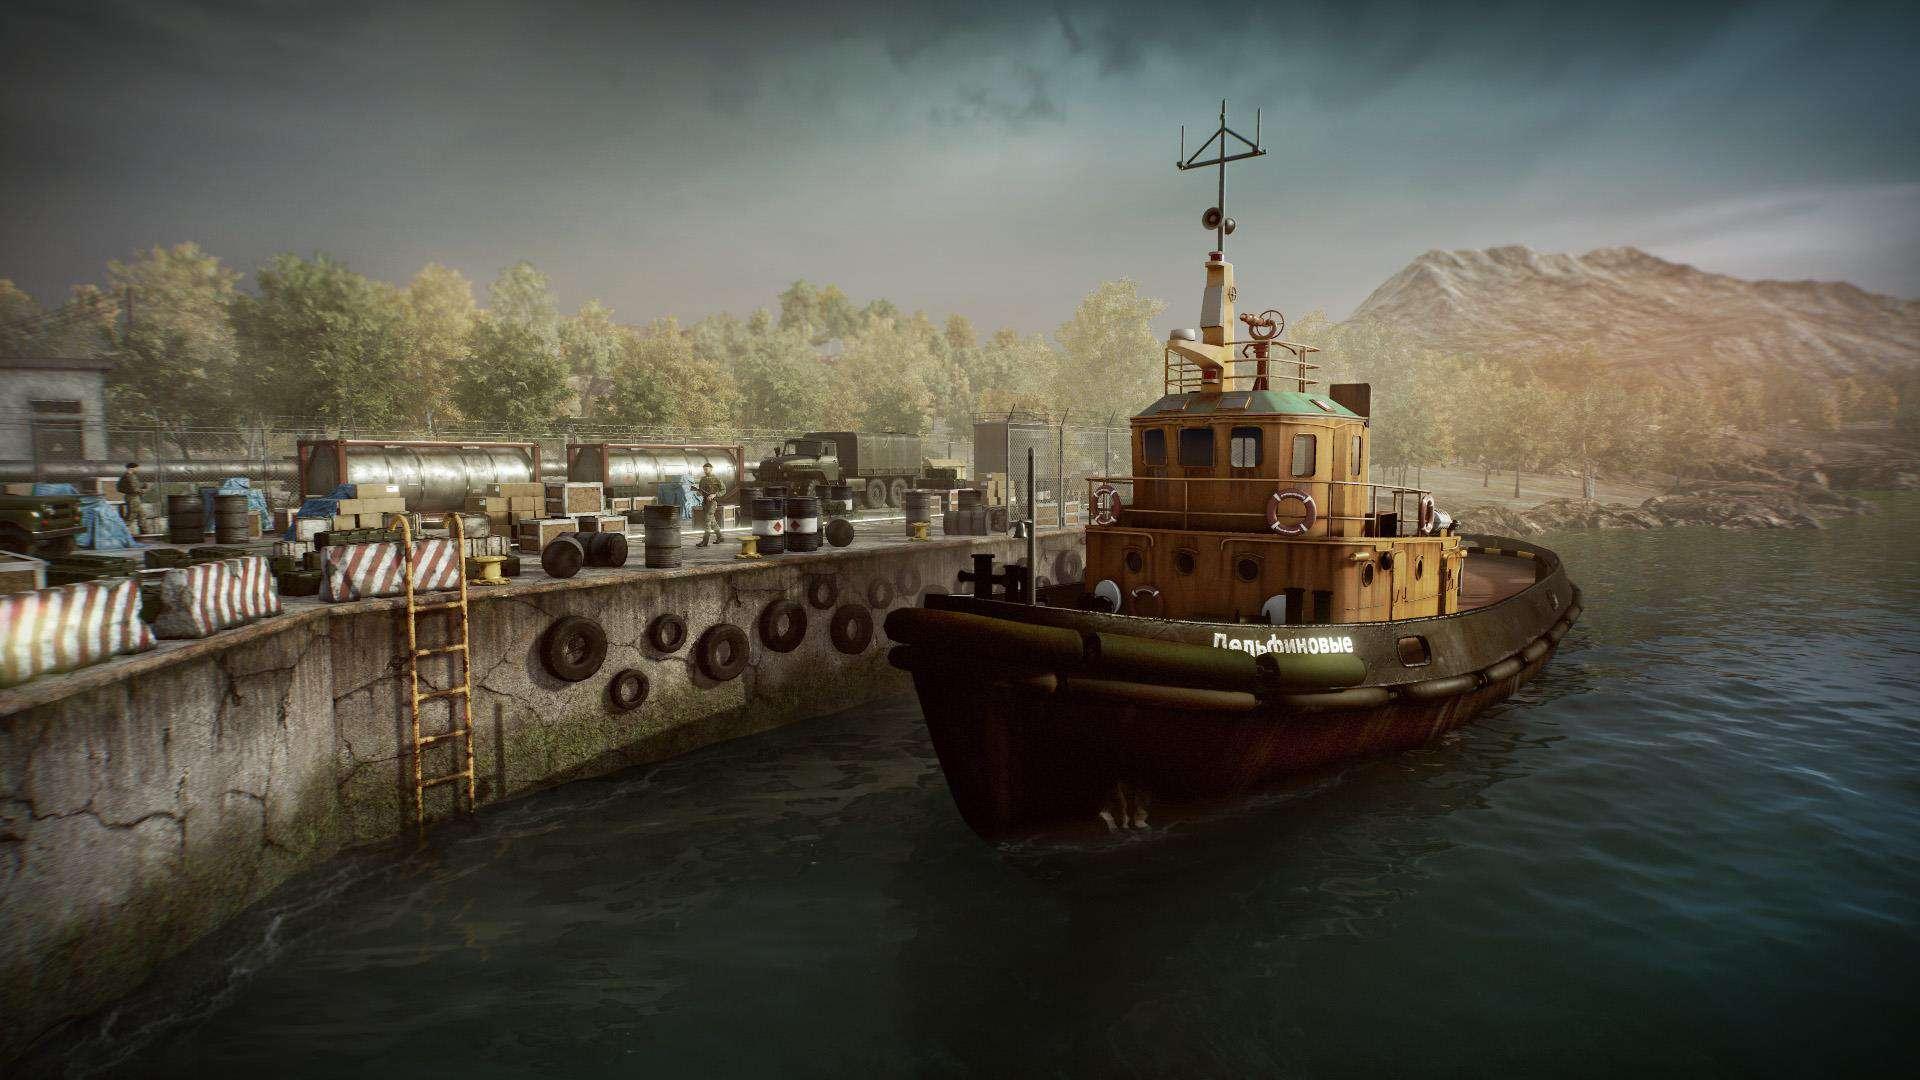 подводная лодка курск. все про эту трагедию